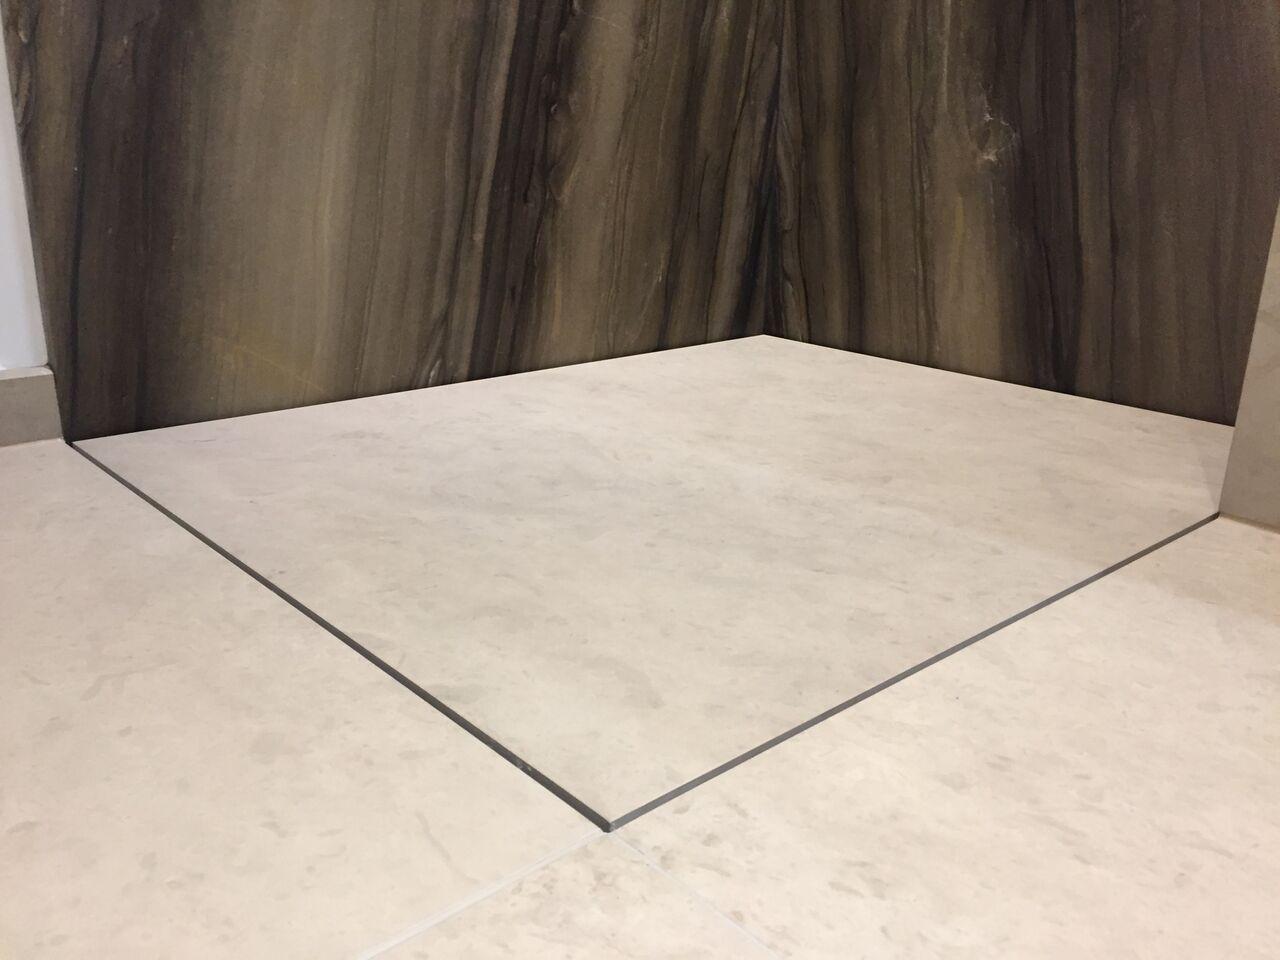 Full Size of Dusche Bodengleich Bodengleiche Duschen 10 Top Duschideen Baqua Behindertengerechte Begehbare Ohne Tür Fliesen Schiebetür Einbauen Glastür Einhebelmischer Dusche Dusche Bodengleich